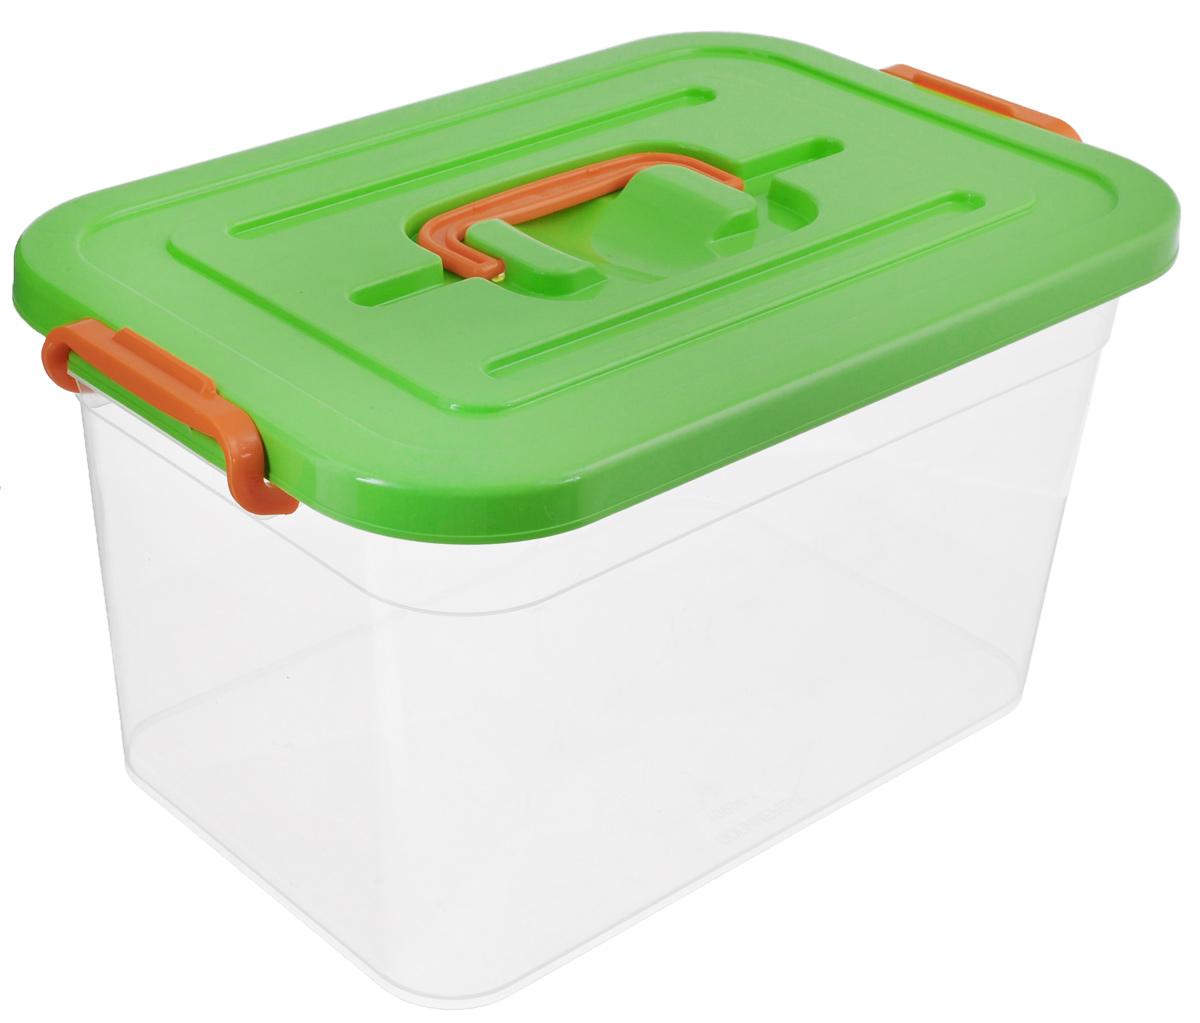 Контейнер для хранения Полимербыт, цвет: прозрачный, салатовый, 10 лC810_прозрачный, салатовыйКонтейнер для хранения Полимербыт выполнен из высококачественного полипропилена. Изделие снабжено удобной ручкой и двумя фиксаторами по бокам, придающими дополнительную надежность закрывания крышки. Вместительный контейнер позволит сохранить различные нужные вещи в порядке, а герметичная крышка предотвратит случайное открывание, а также защитит содержимое от пыли и грязи.